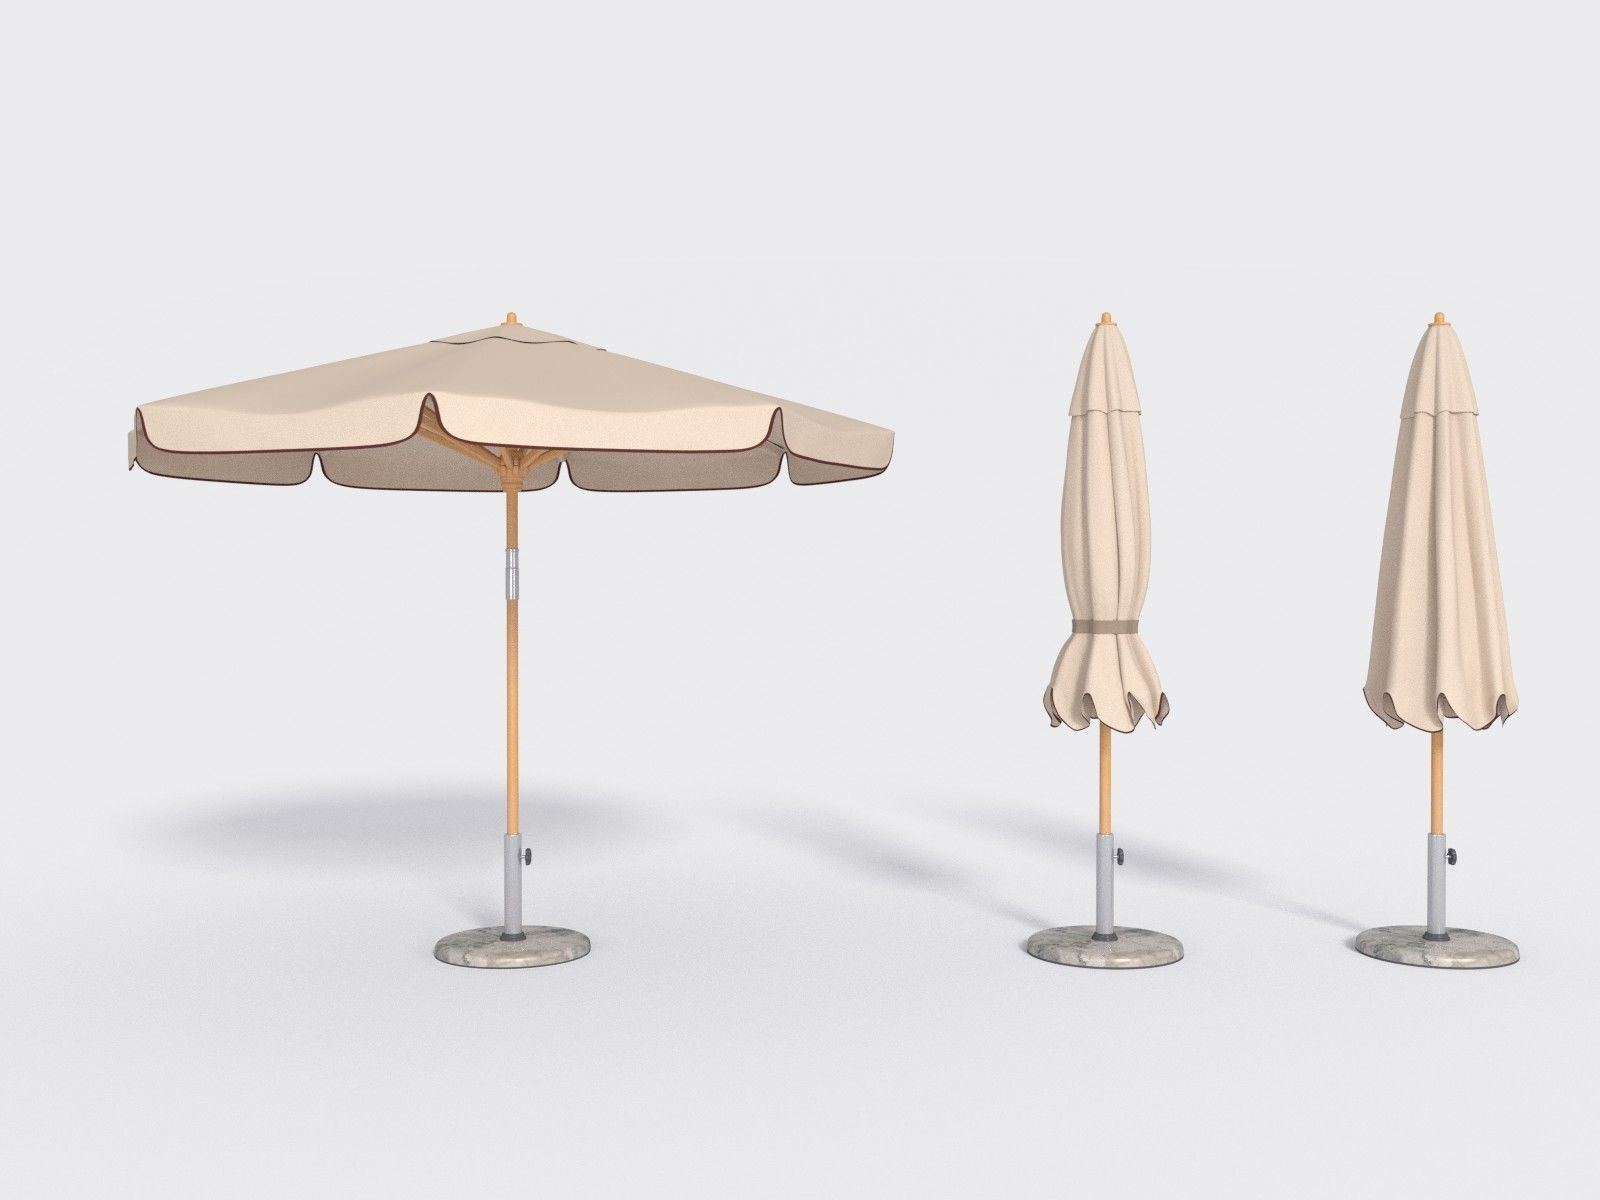 Umbrella Patio Parasol 2